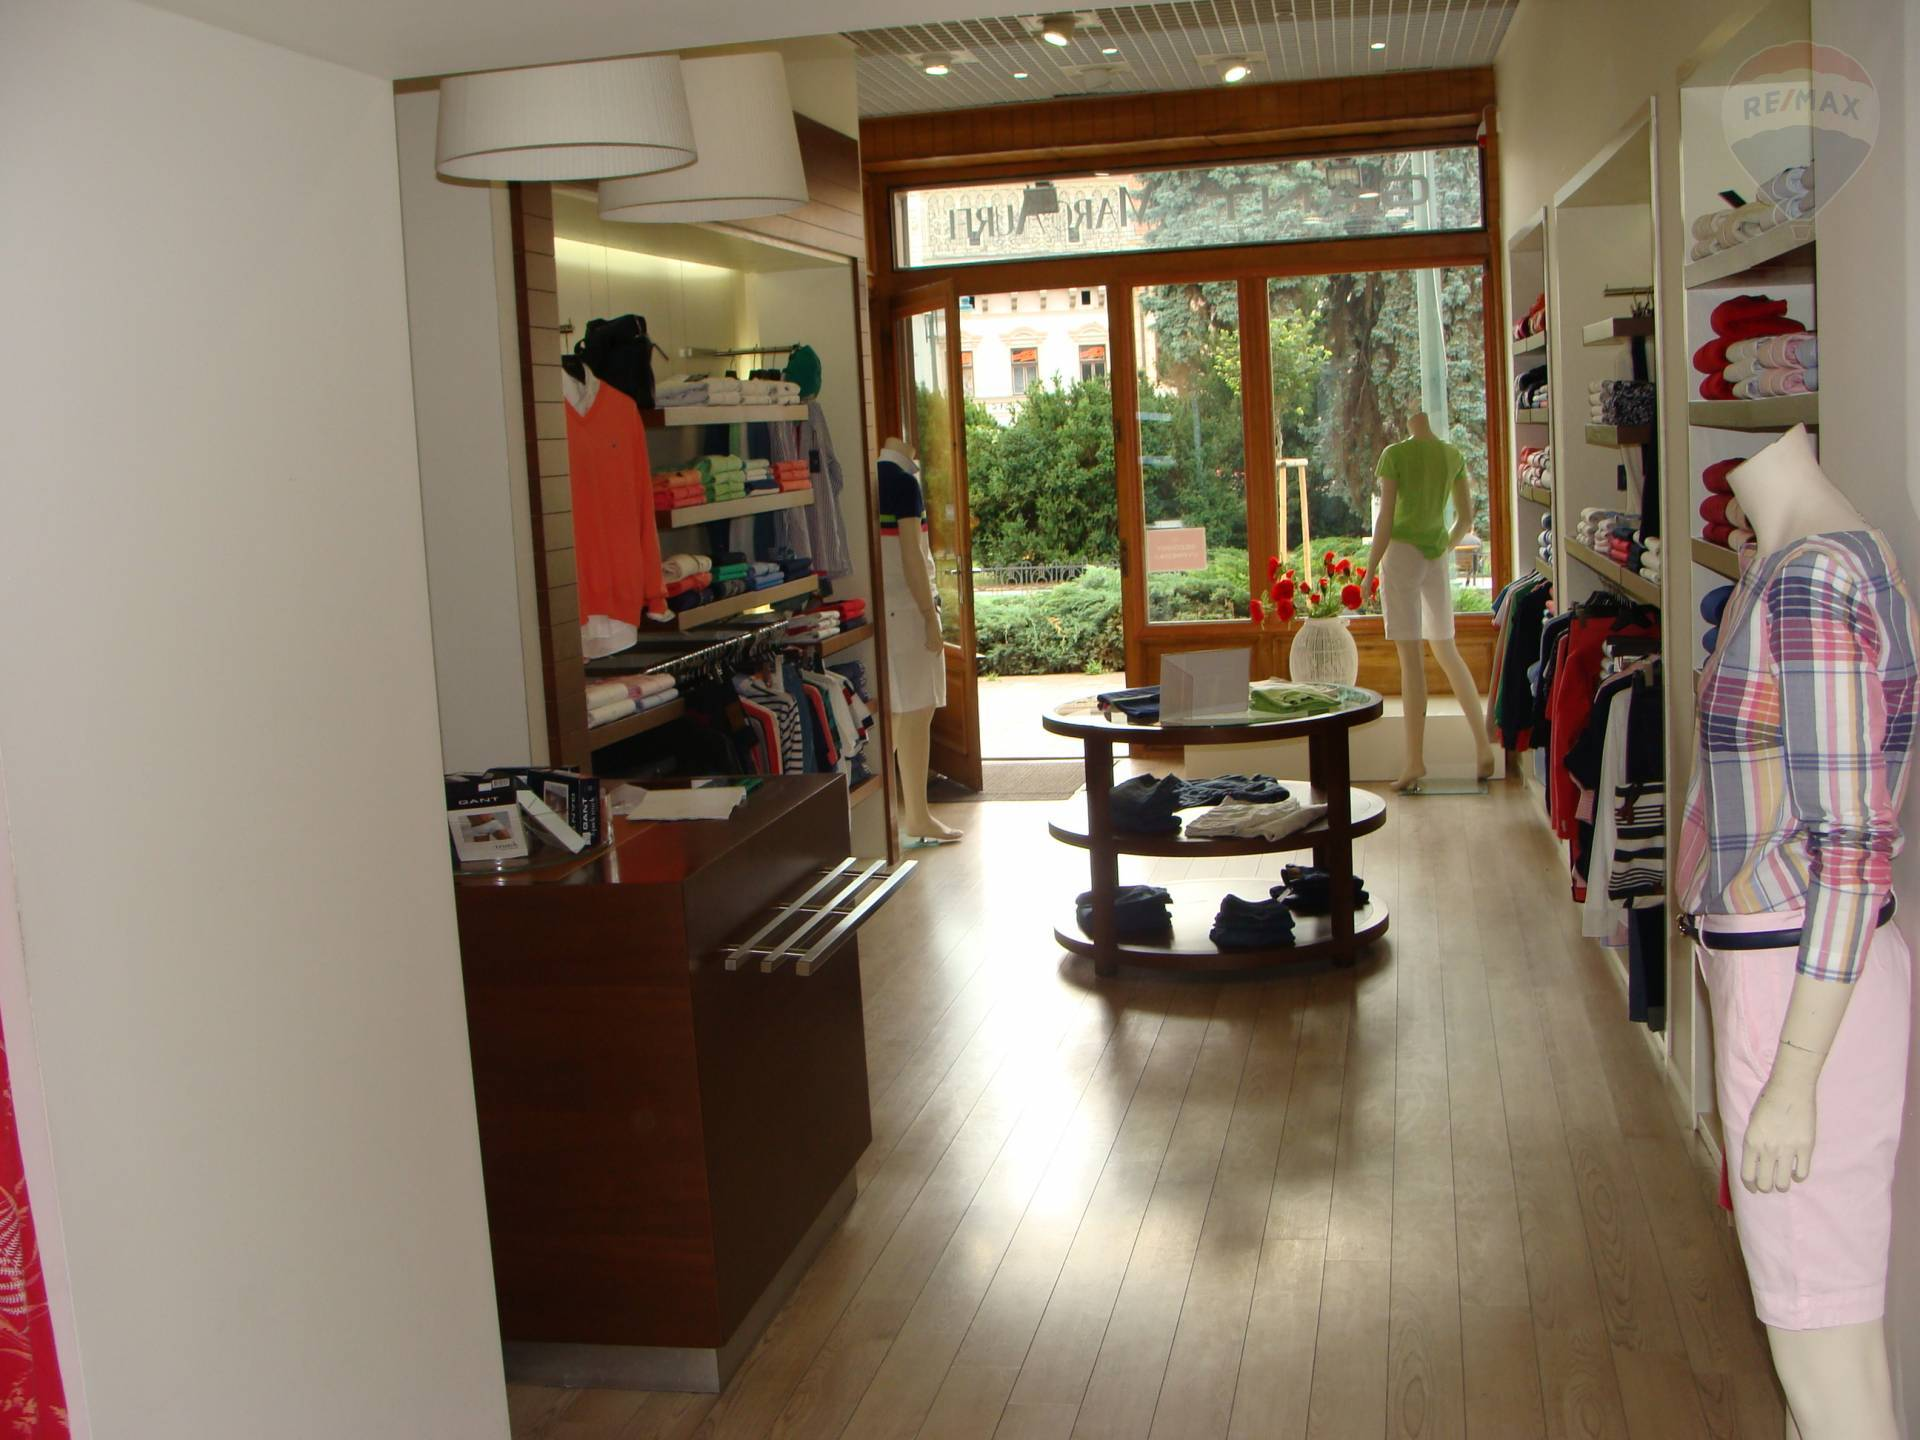 Prenájom komerčného priestoru 120 m2, Prešov - Prenájom obchodný priestor v Prešove